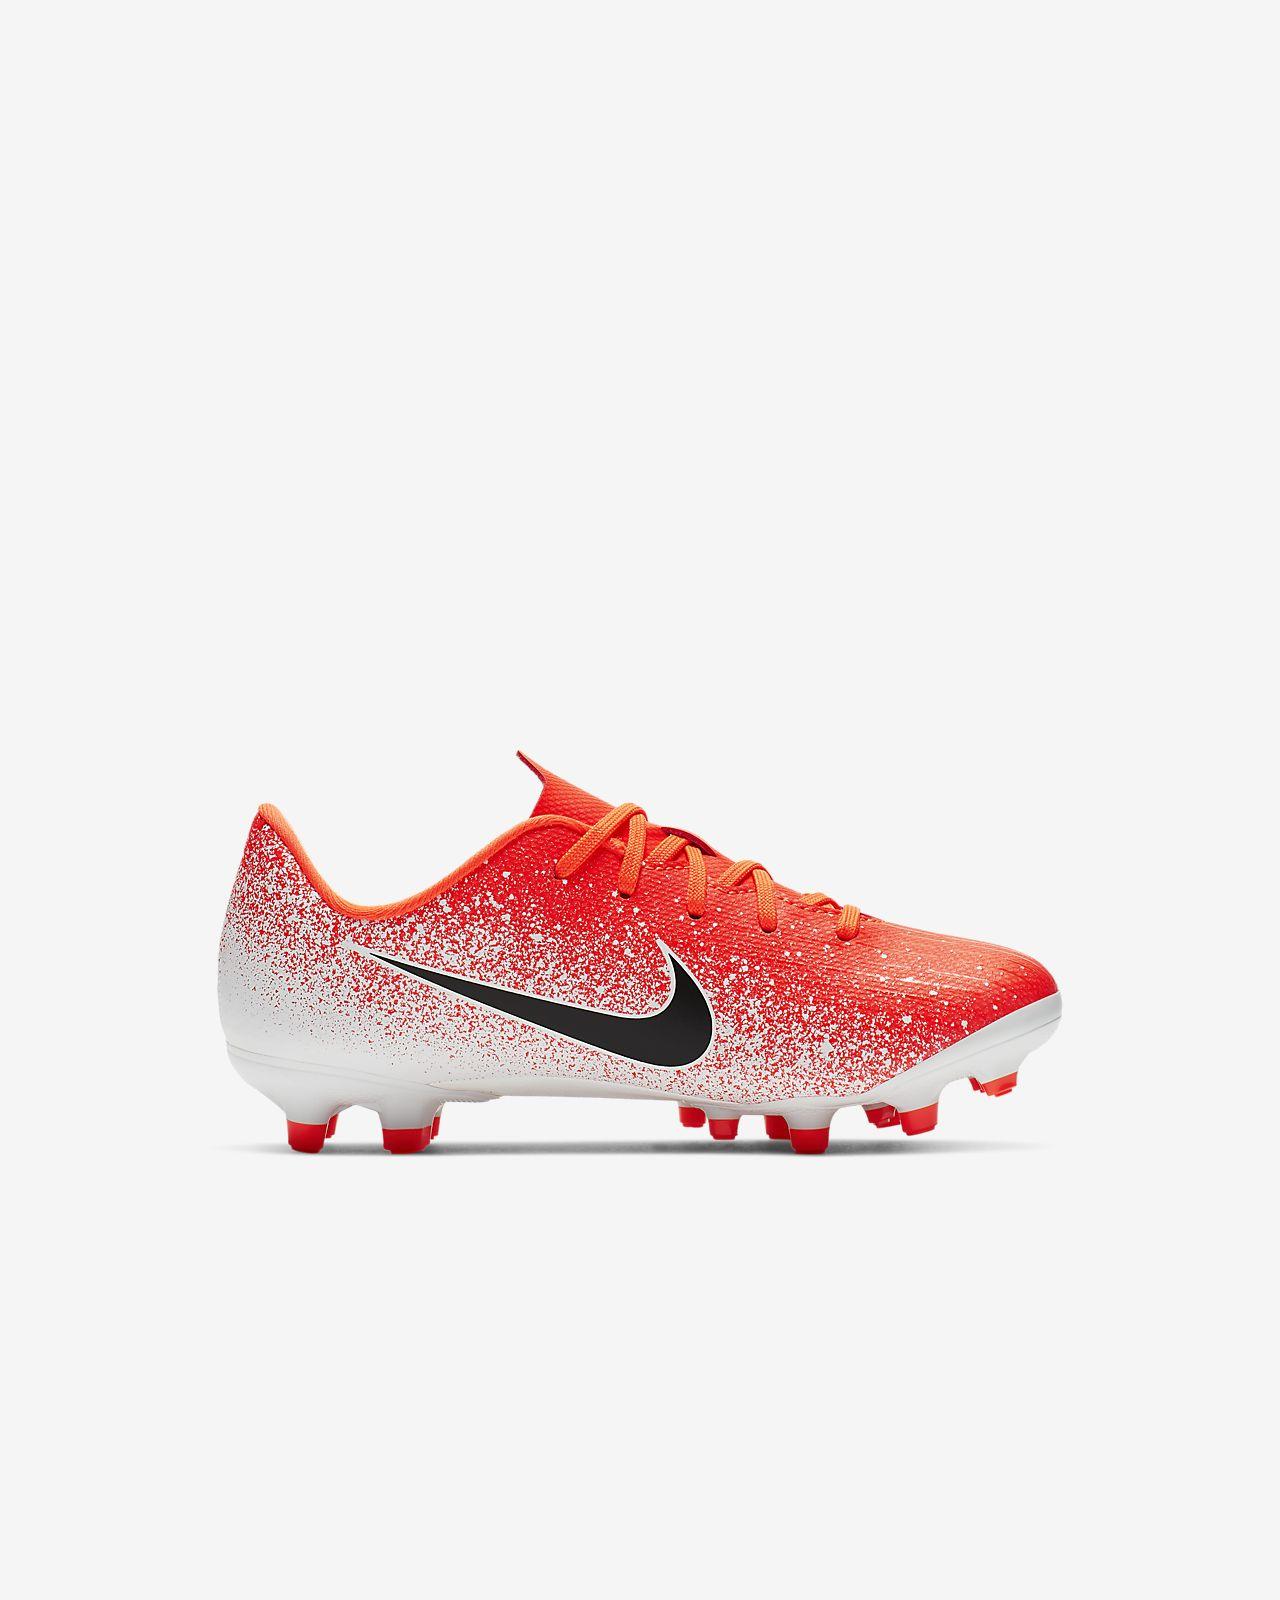 best loved 2b786 37dc8 ... Nike Jr. MercurialX Vapor XII Academy-fodboldstøvlen til små og store  børn (flere